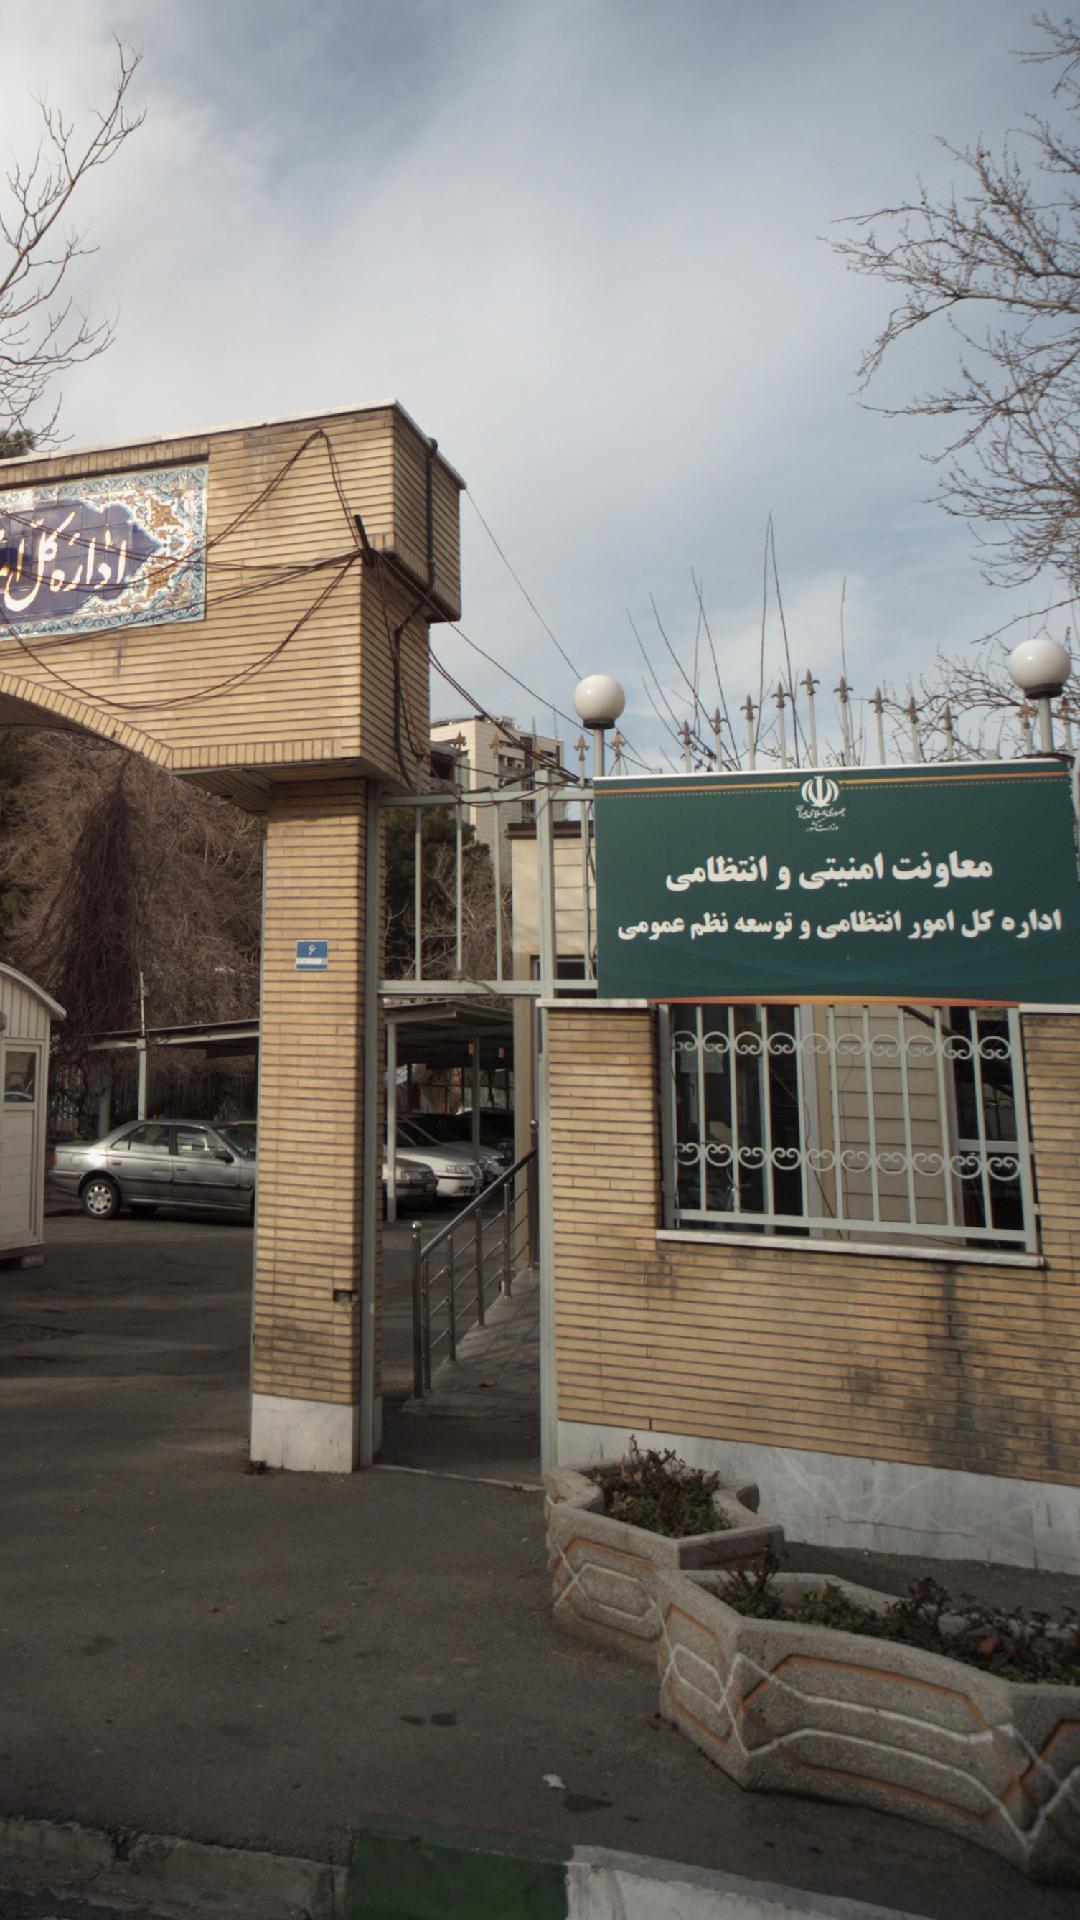 شرکت تعاونی فرهنگیان آموزش و پرورش منطقه ۳